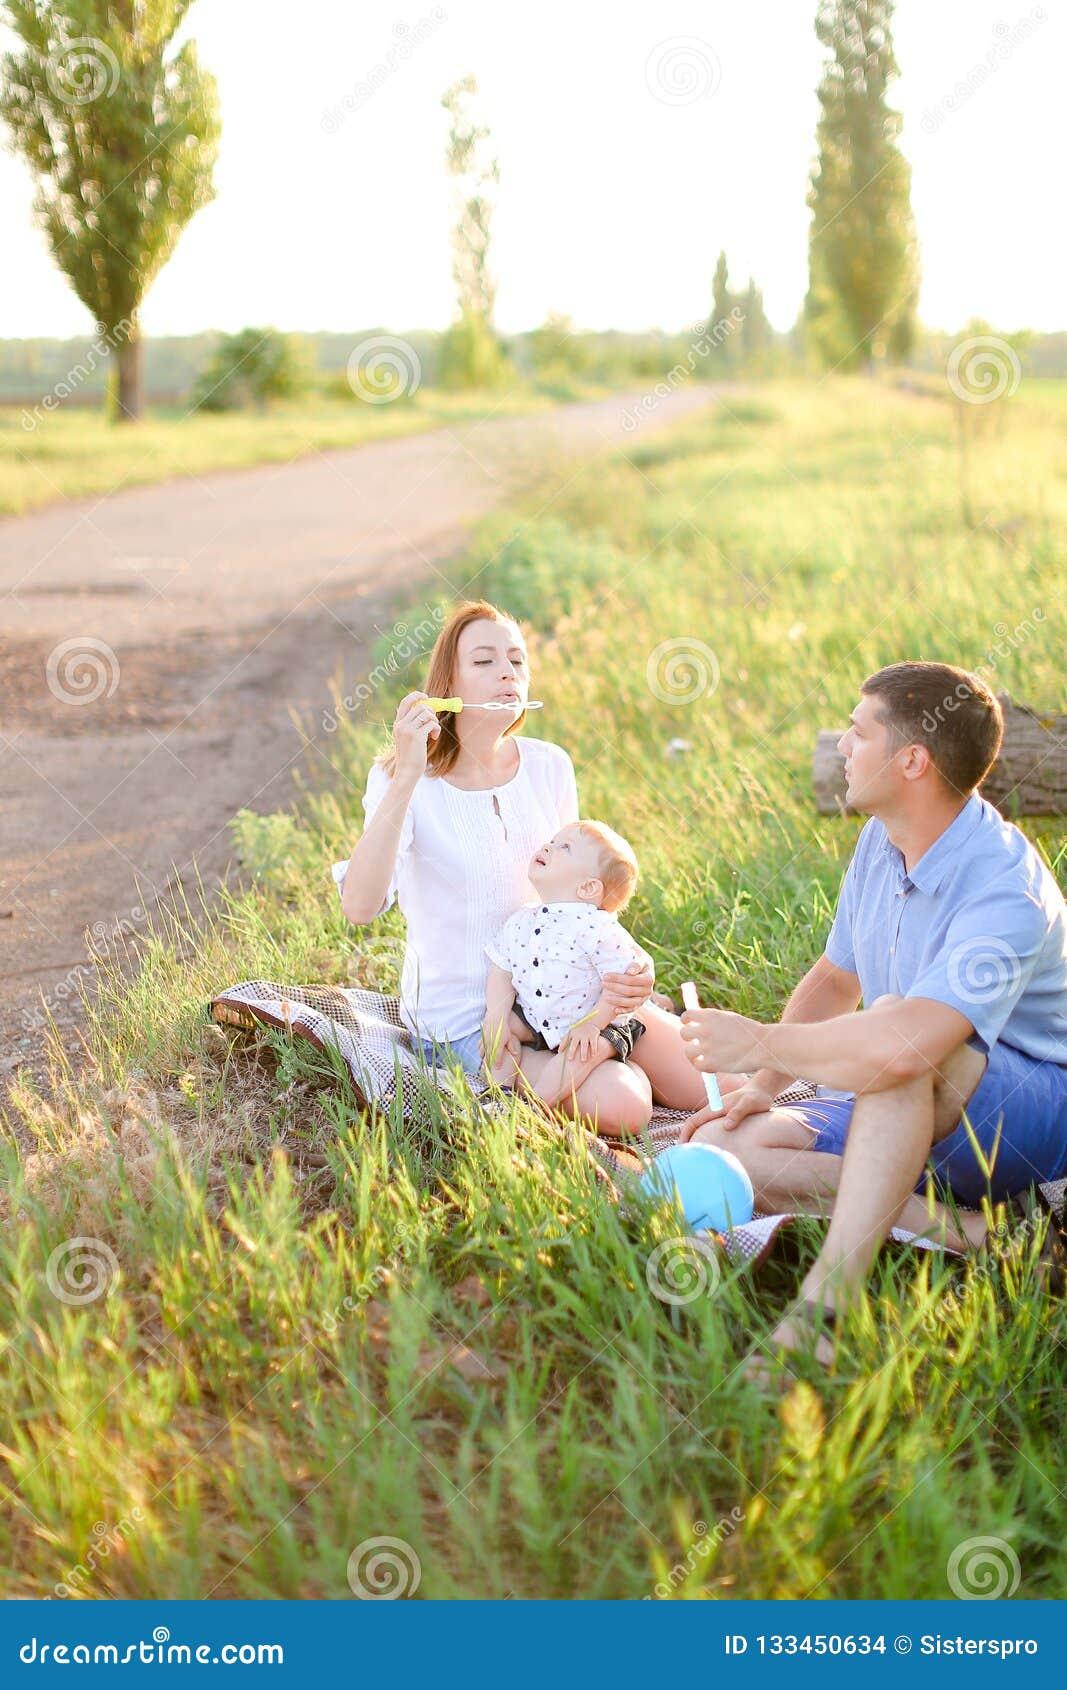 Rodzice siedzi na trawie z małego dziecka i dmuchania bąblami